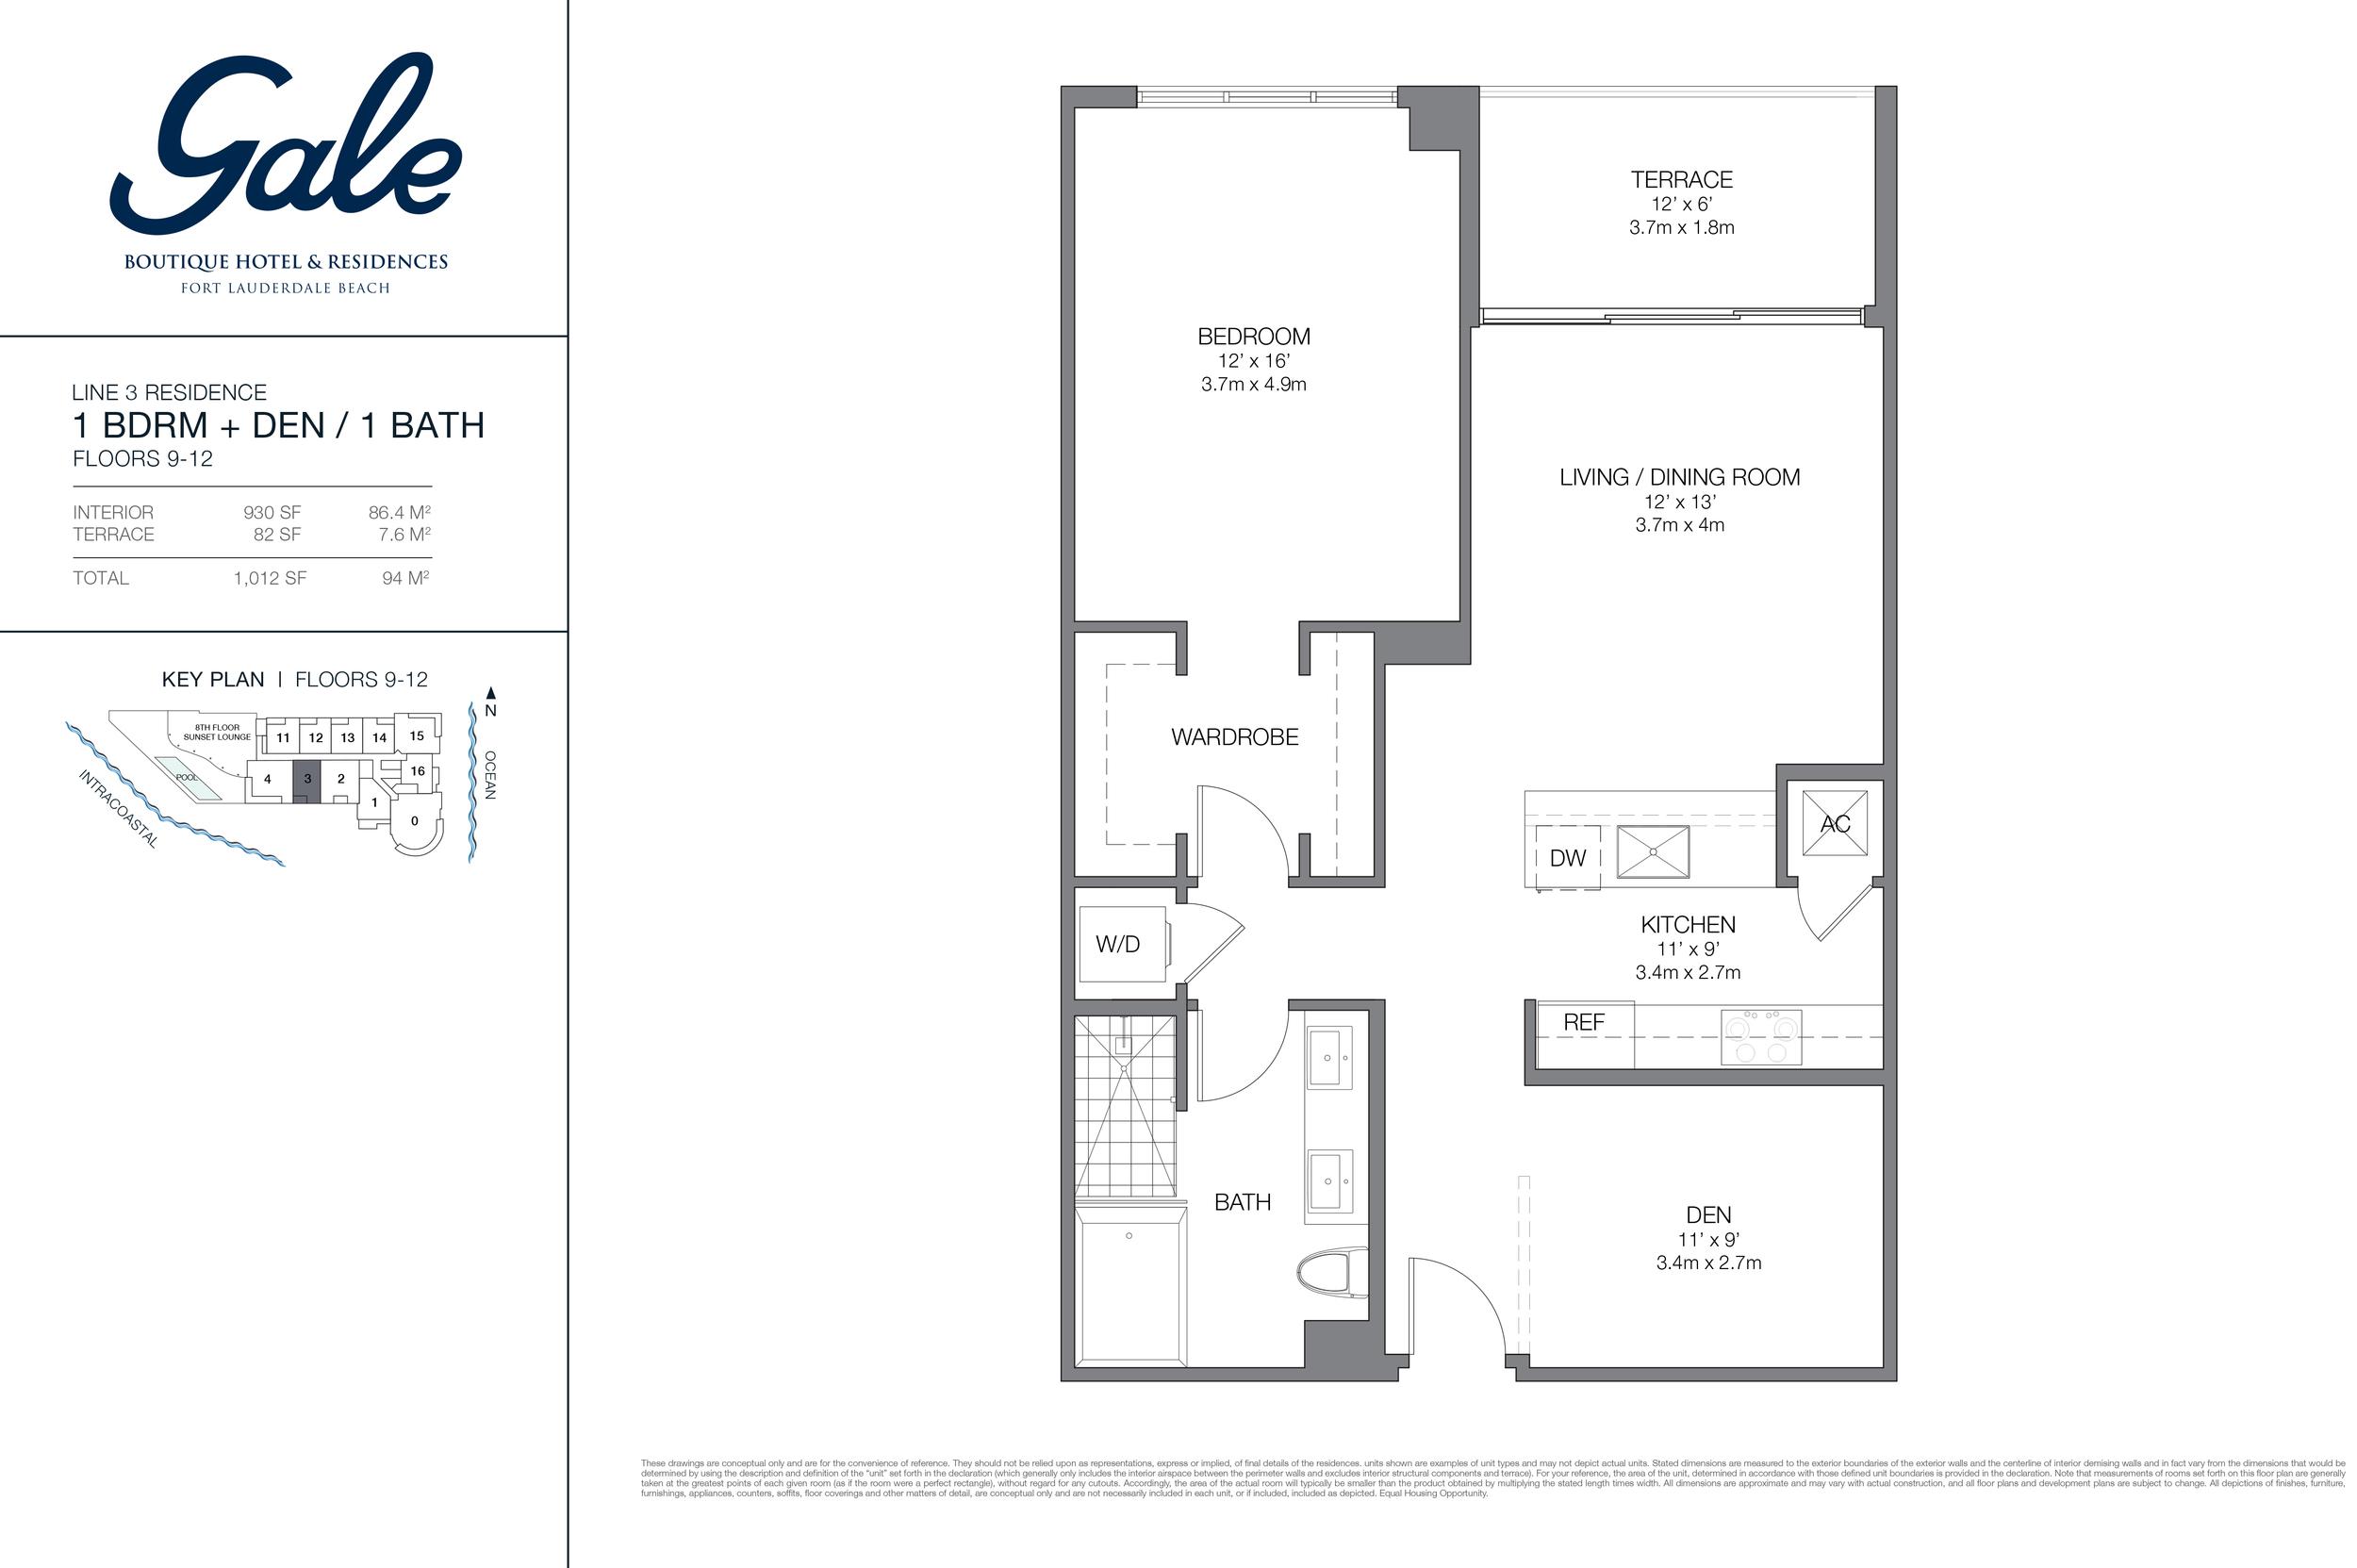 Gale Ft.Lauderdale Floor Plan Line 3